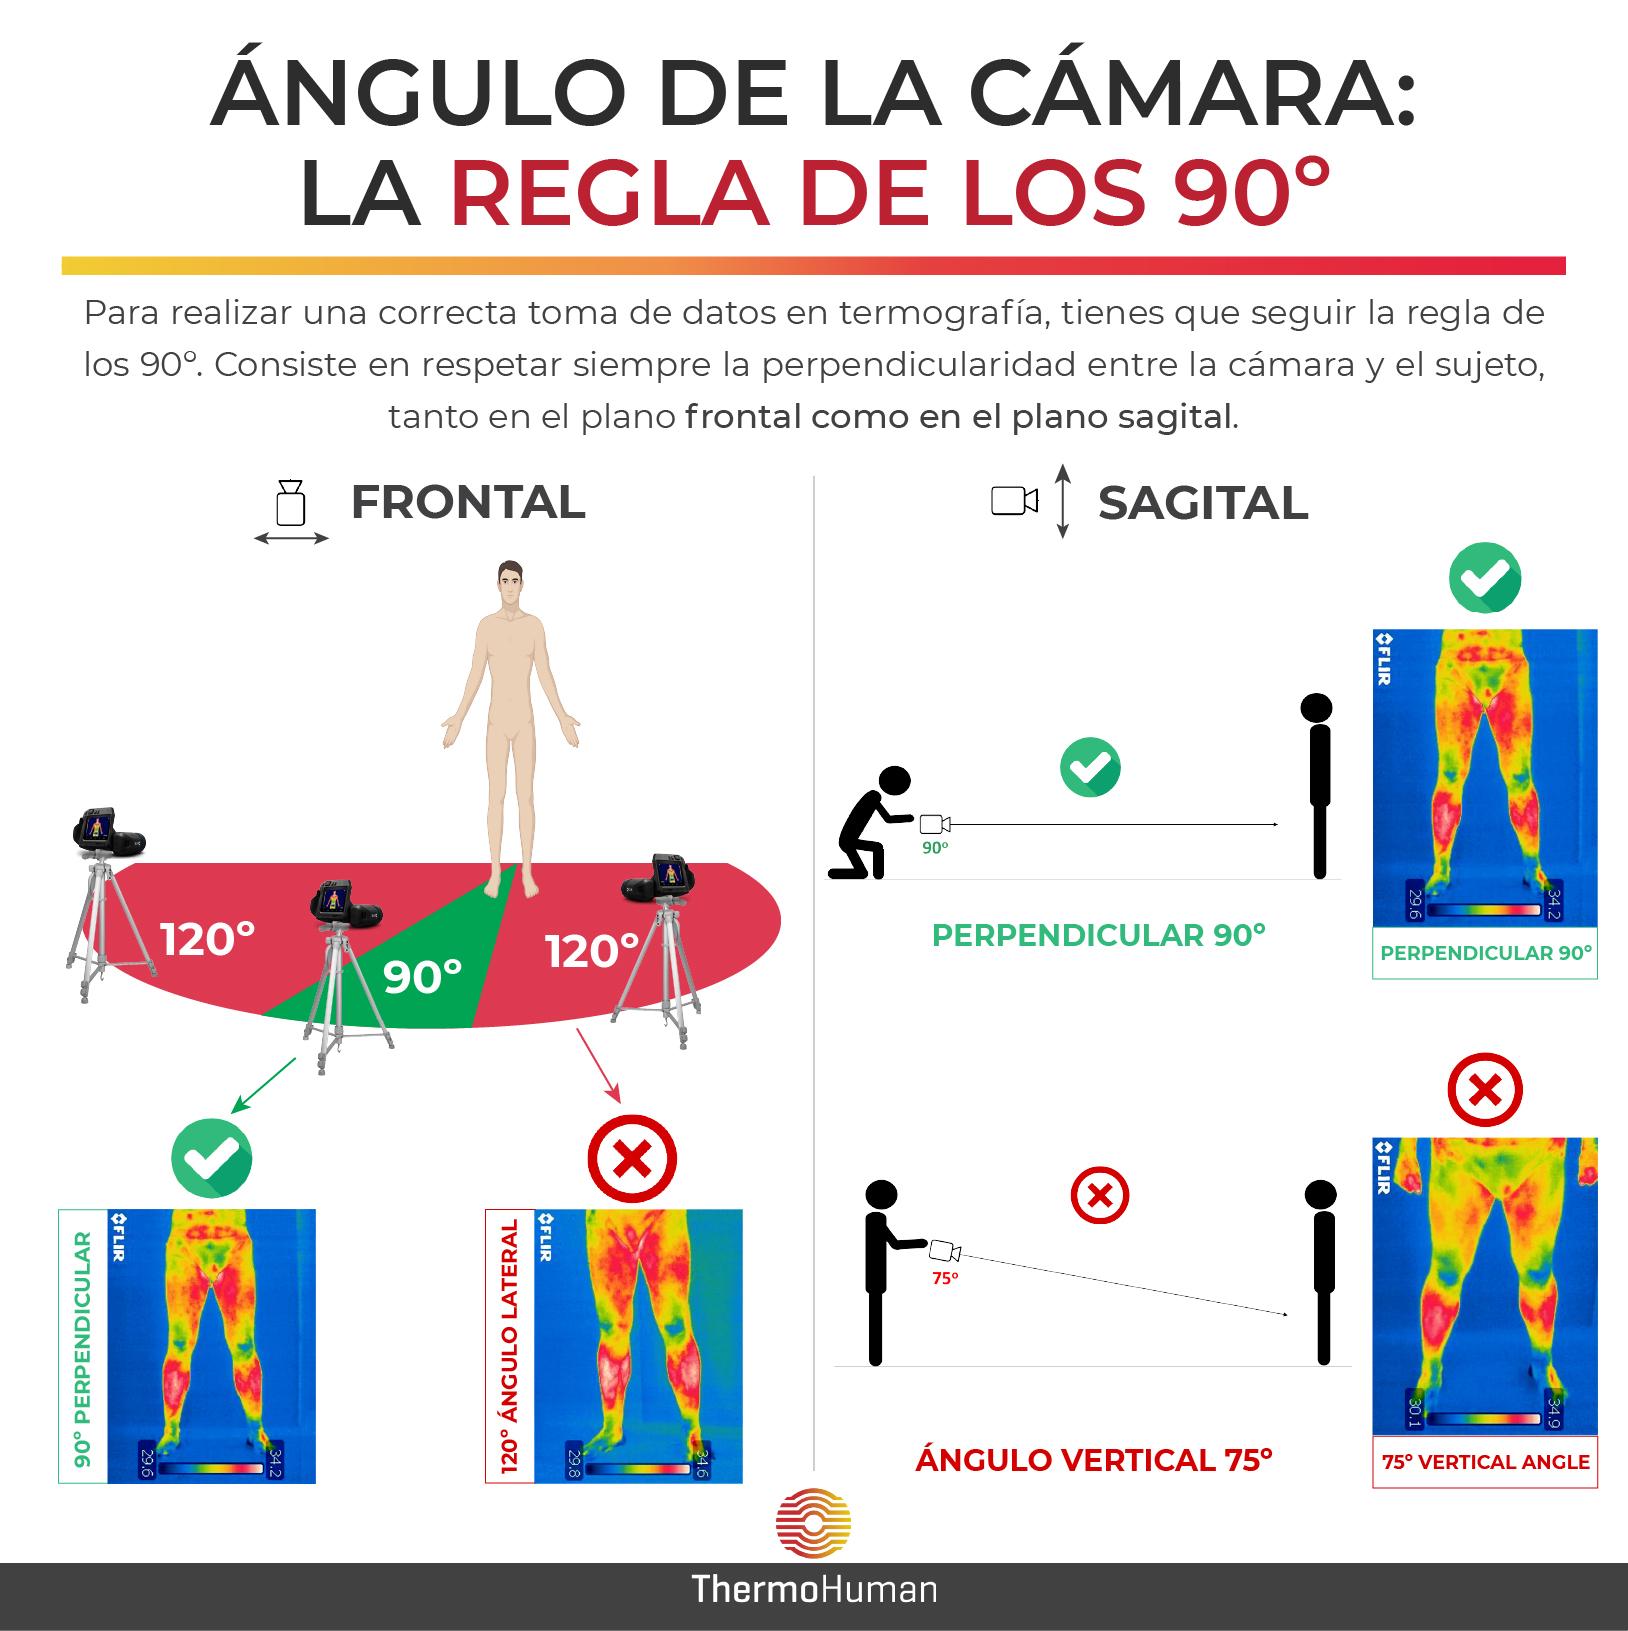 La angulación de la cámara termográfica: la regla de los 90º